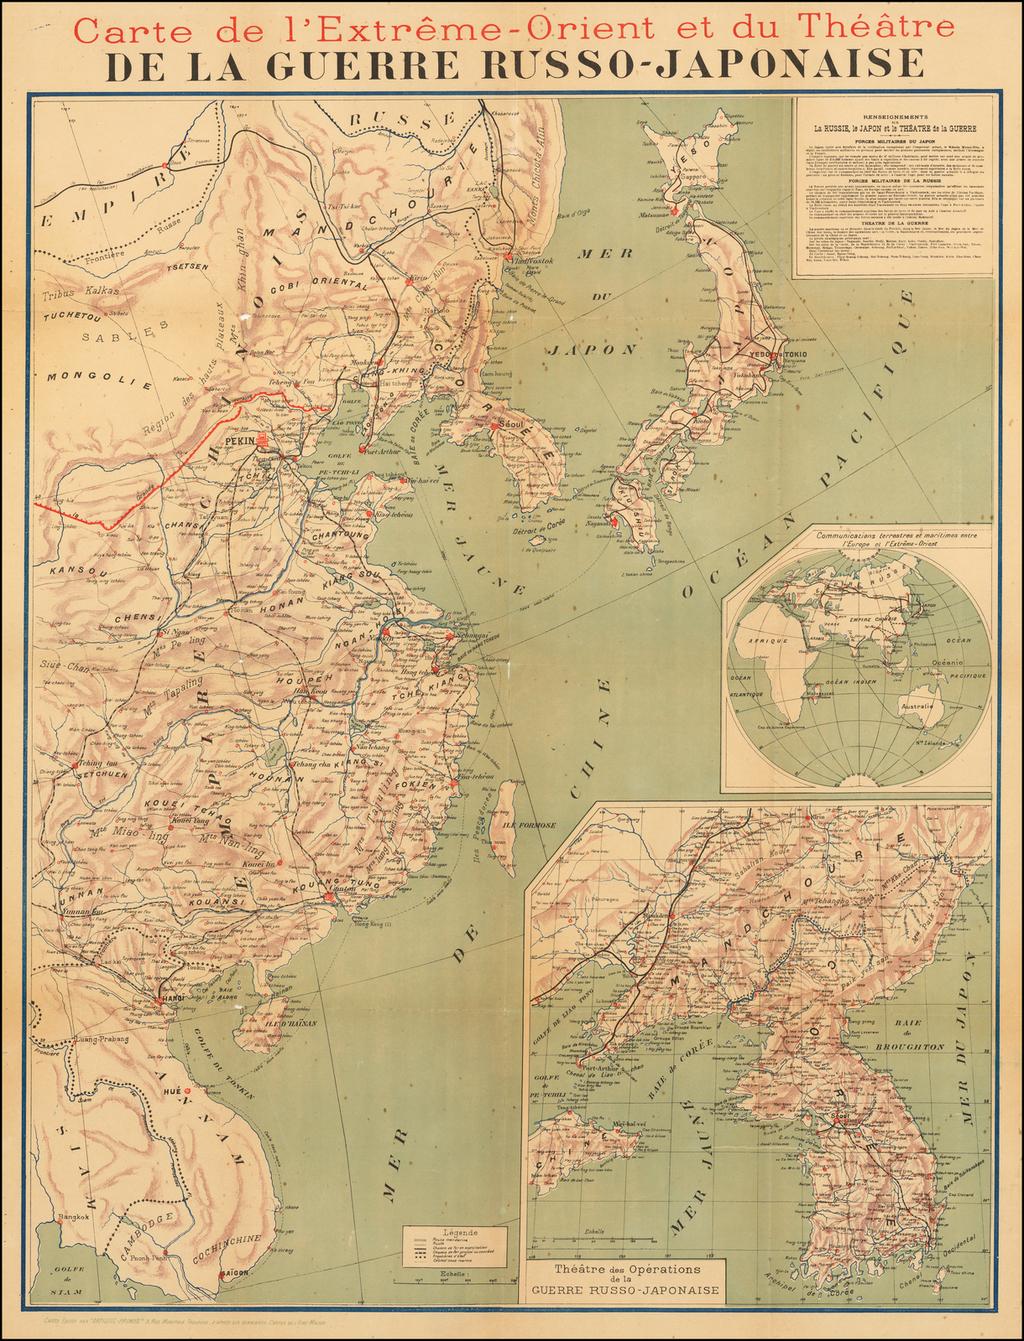 Carte de l'Extreme-Orient et du Theatre De La Guerre Russo-Japonaise By Artistic-Primes